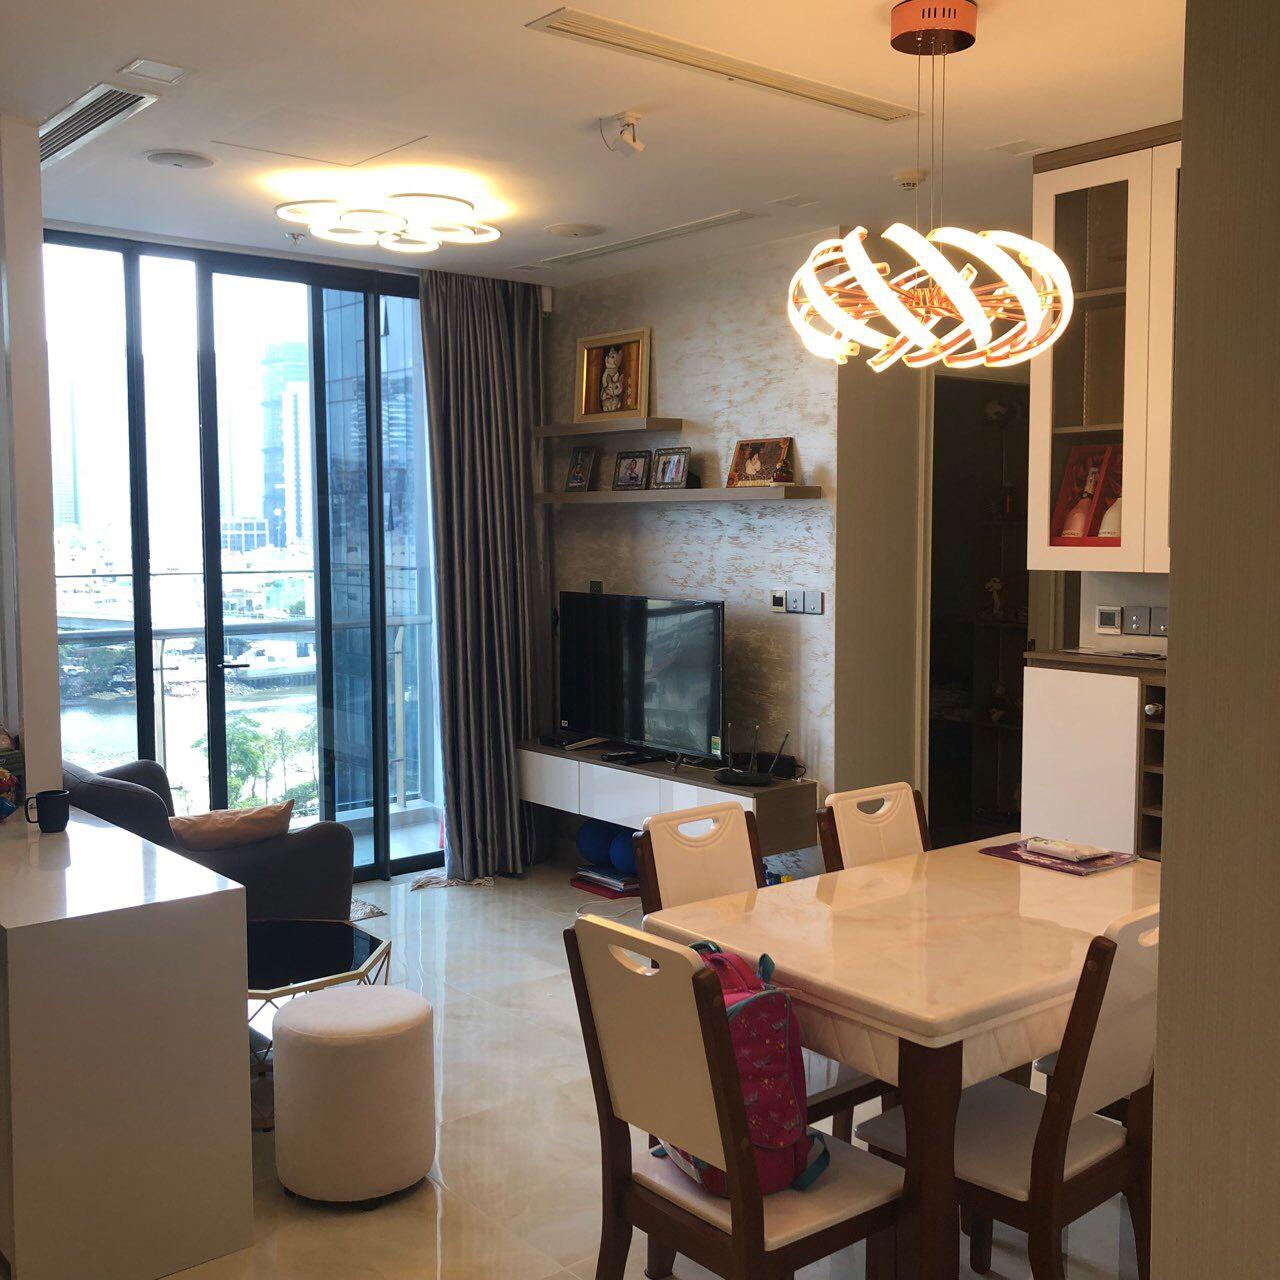 Cho thuê căn hộ Đảo Kim Cương 1 phòng ngủ giá chỉ từ 600 USD/tháng